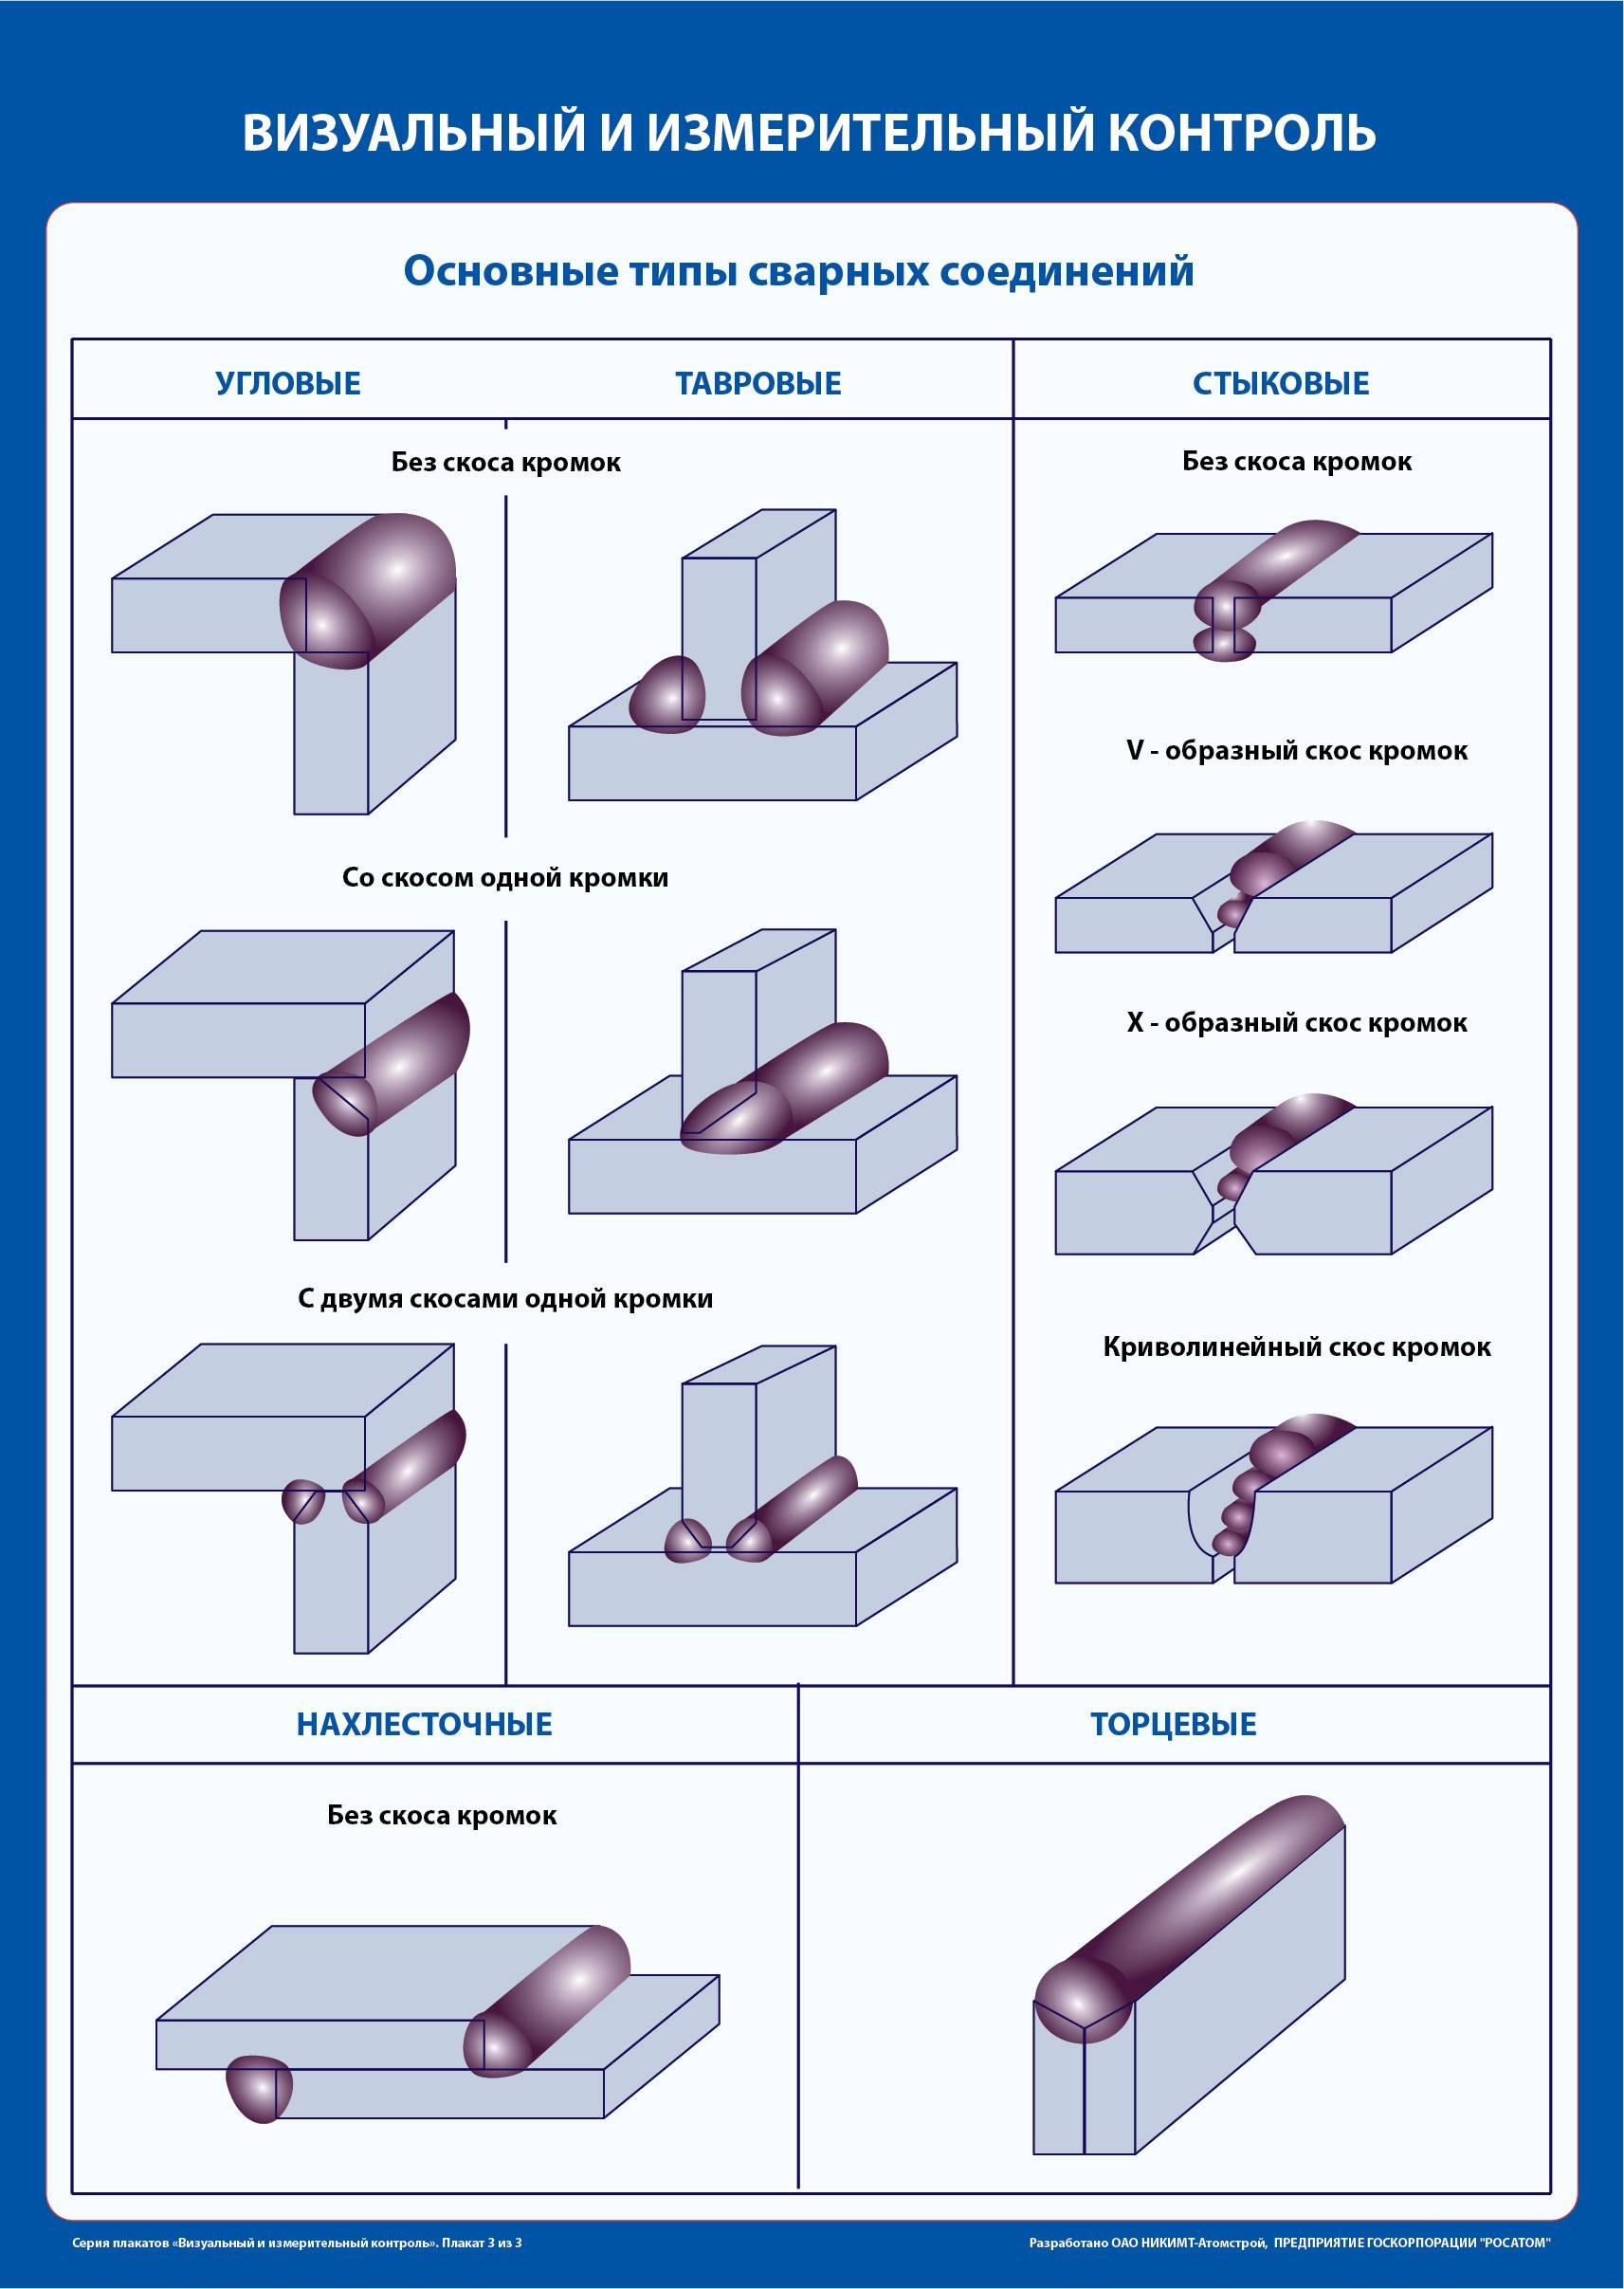 Контроль качества сварных швов и соединений: методы и нормы